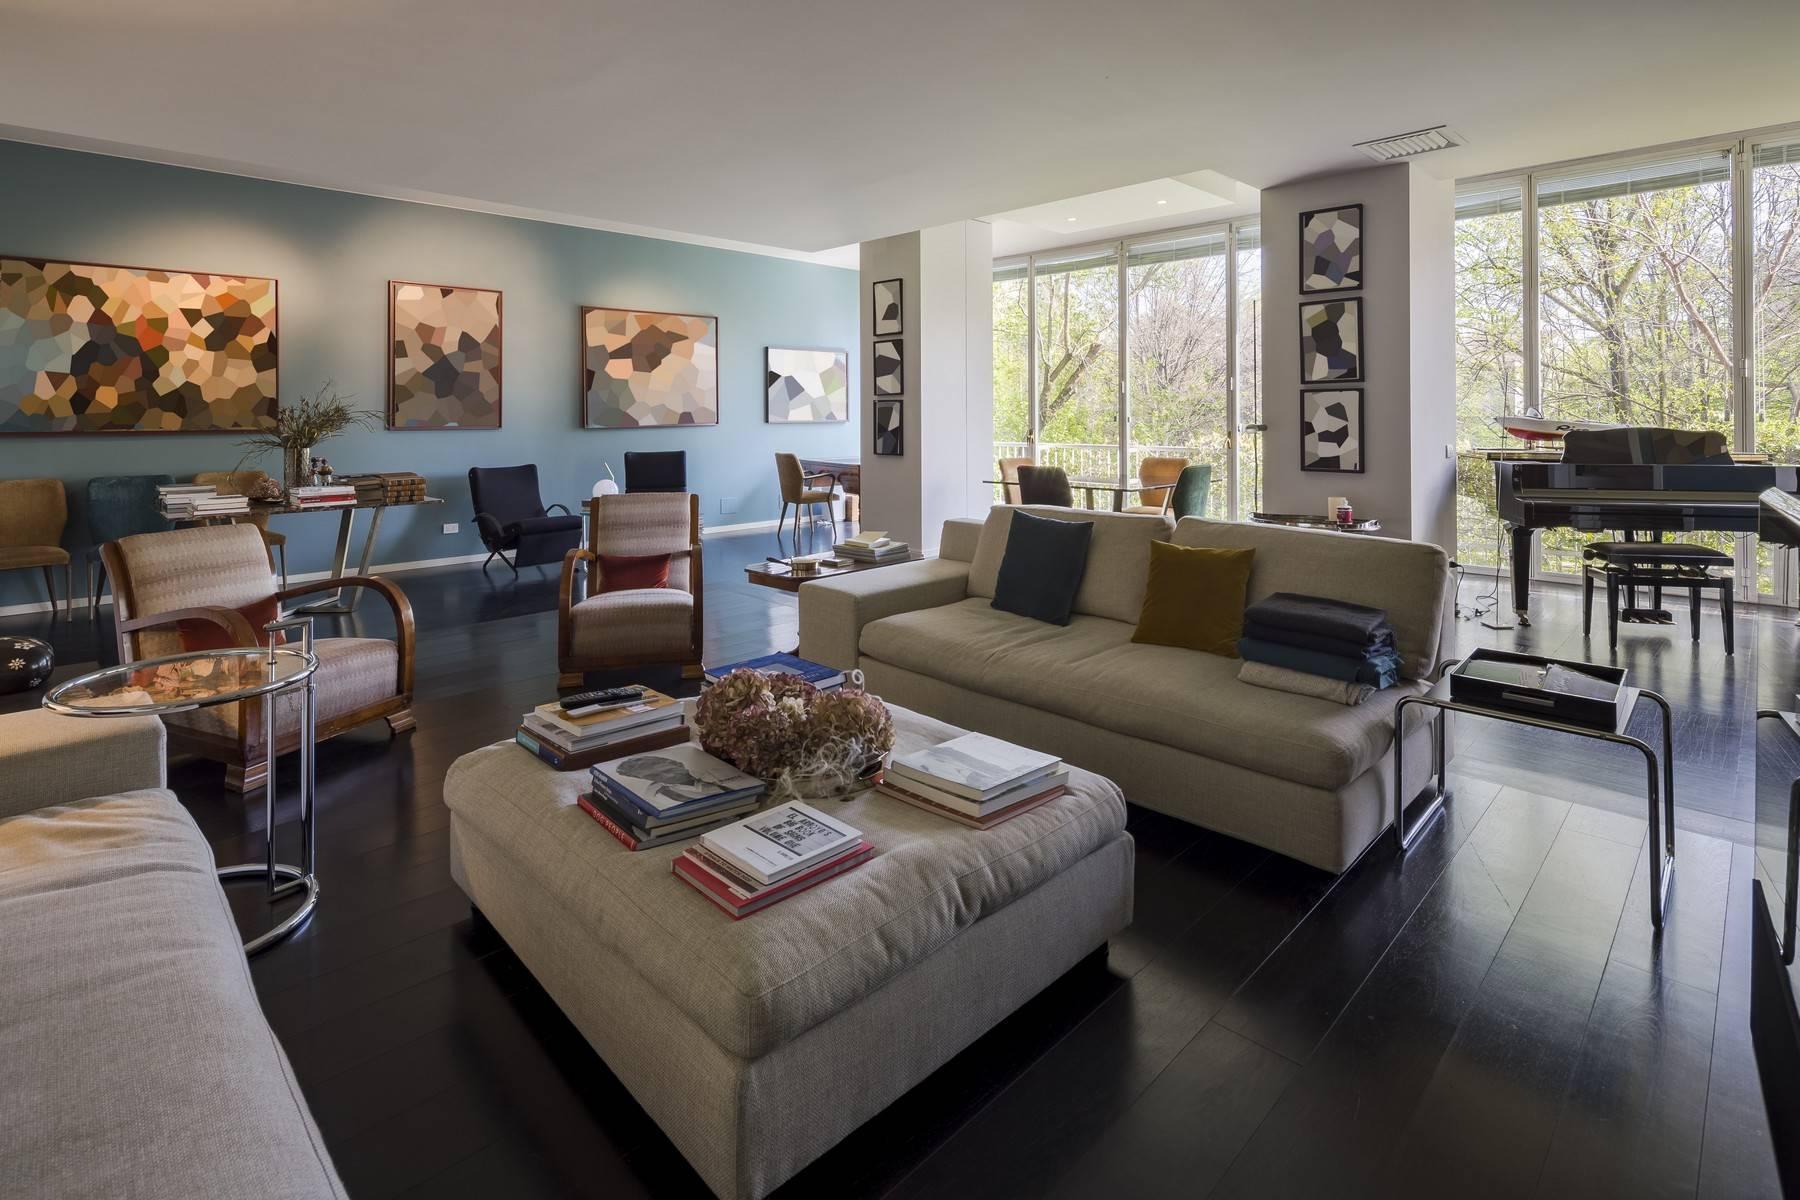 Magnifique appartement à louer d'environ 300 m² au coeur de Milan - 5